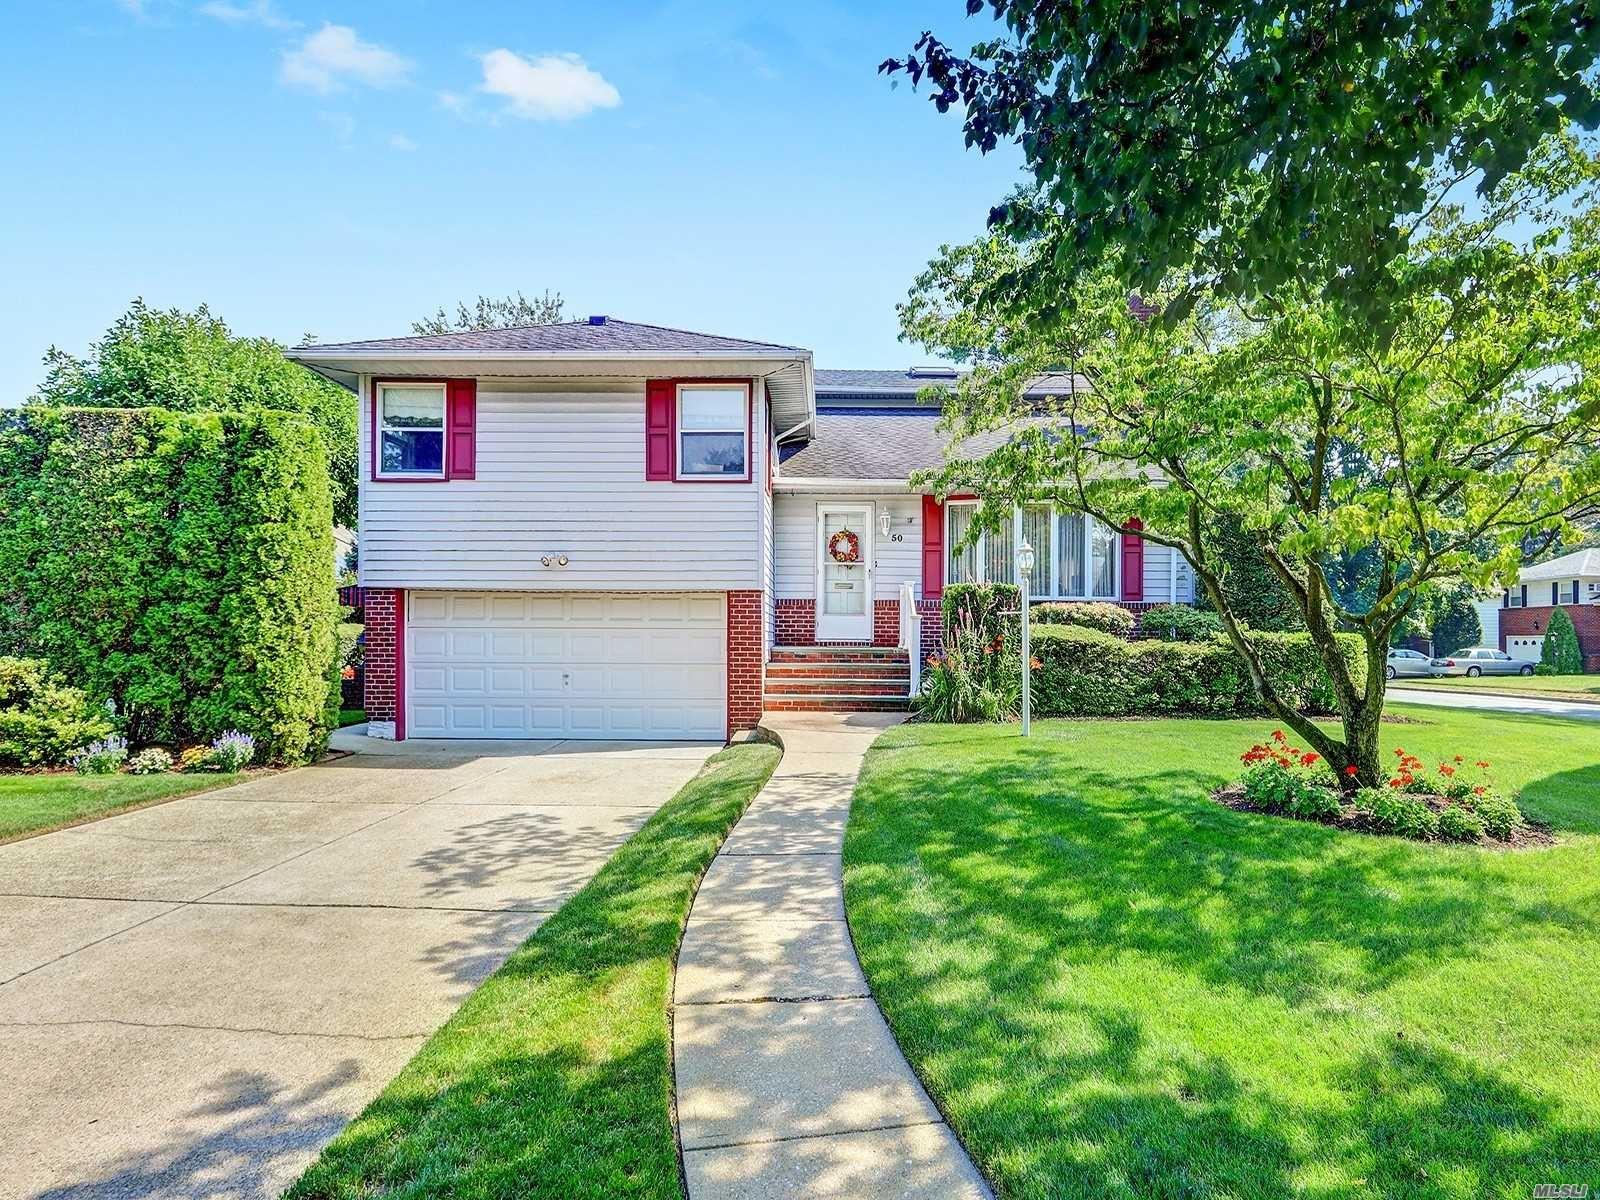 50 Homestead Ave, Garden City, NY 11530 - MLS#: 3241021